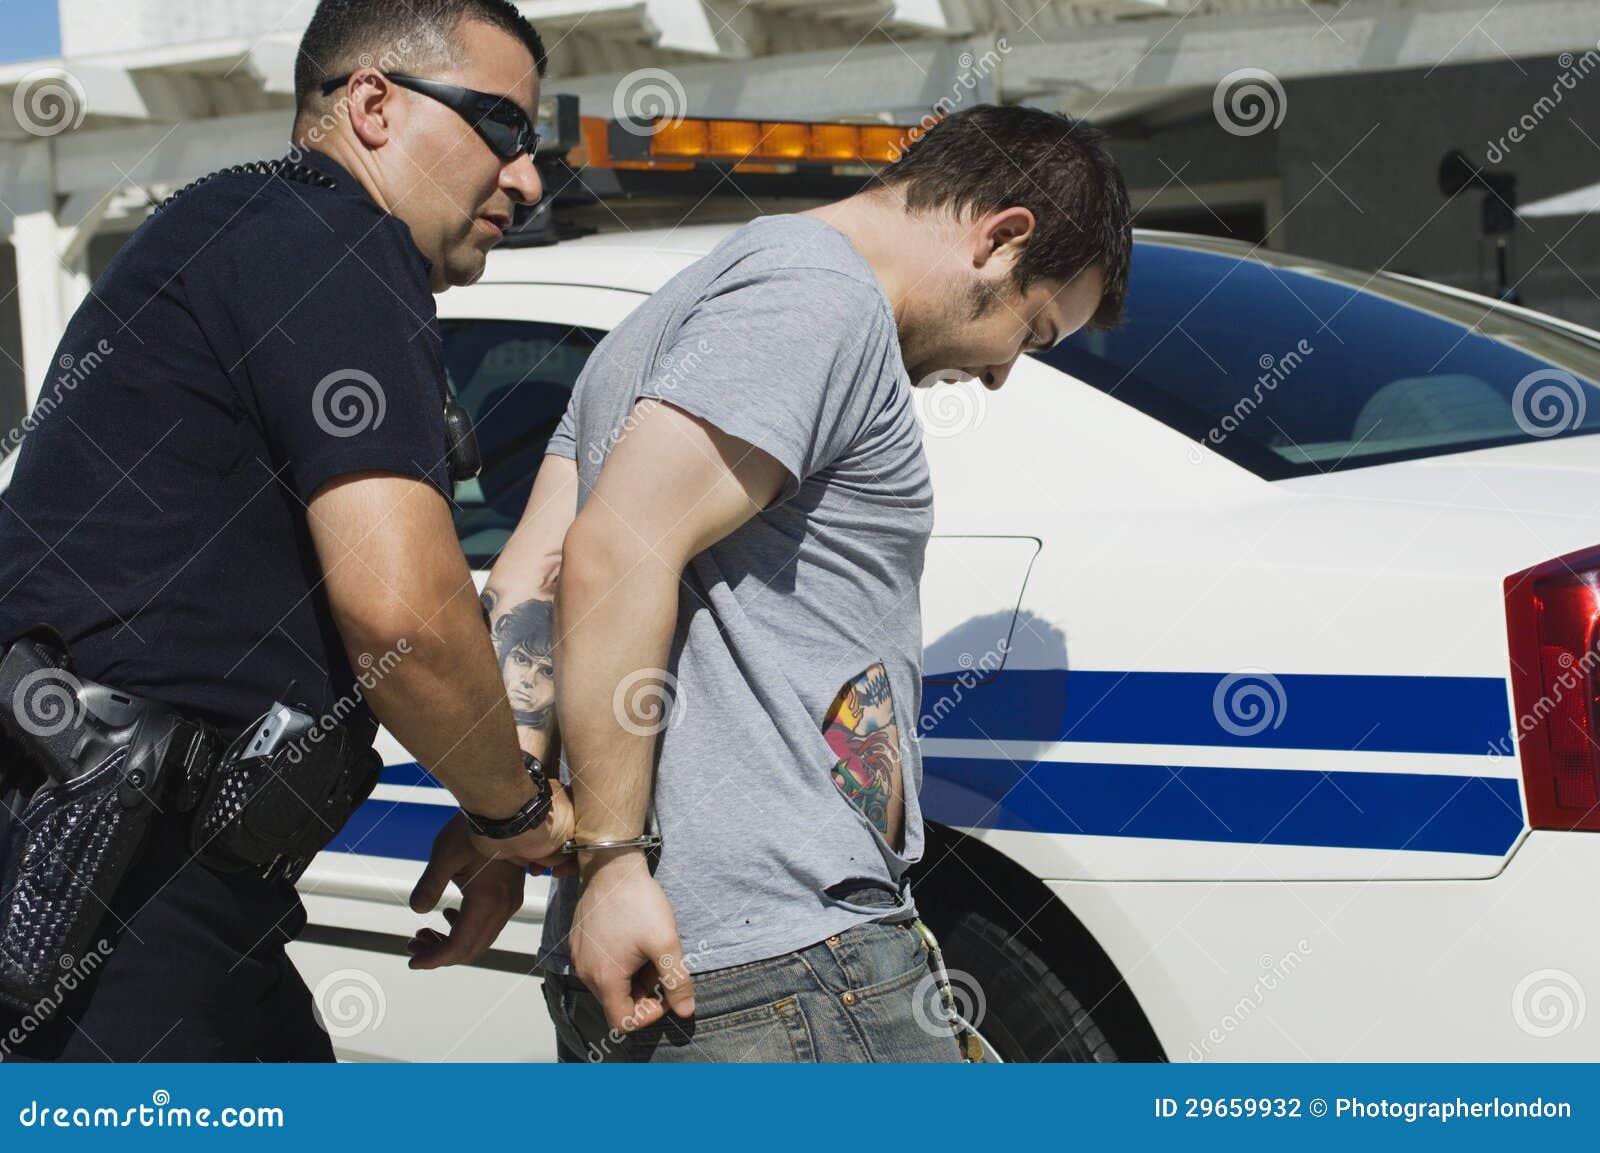 Oficial Arresting Drug Dealer